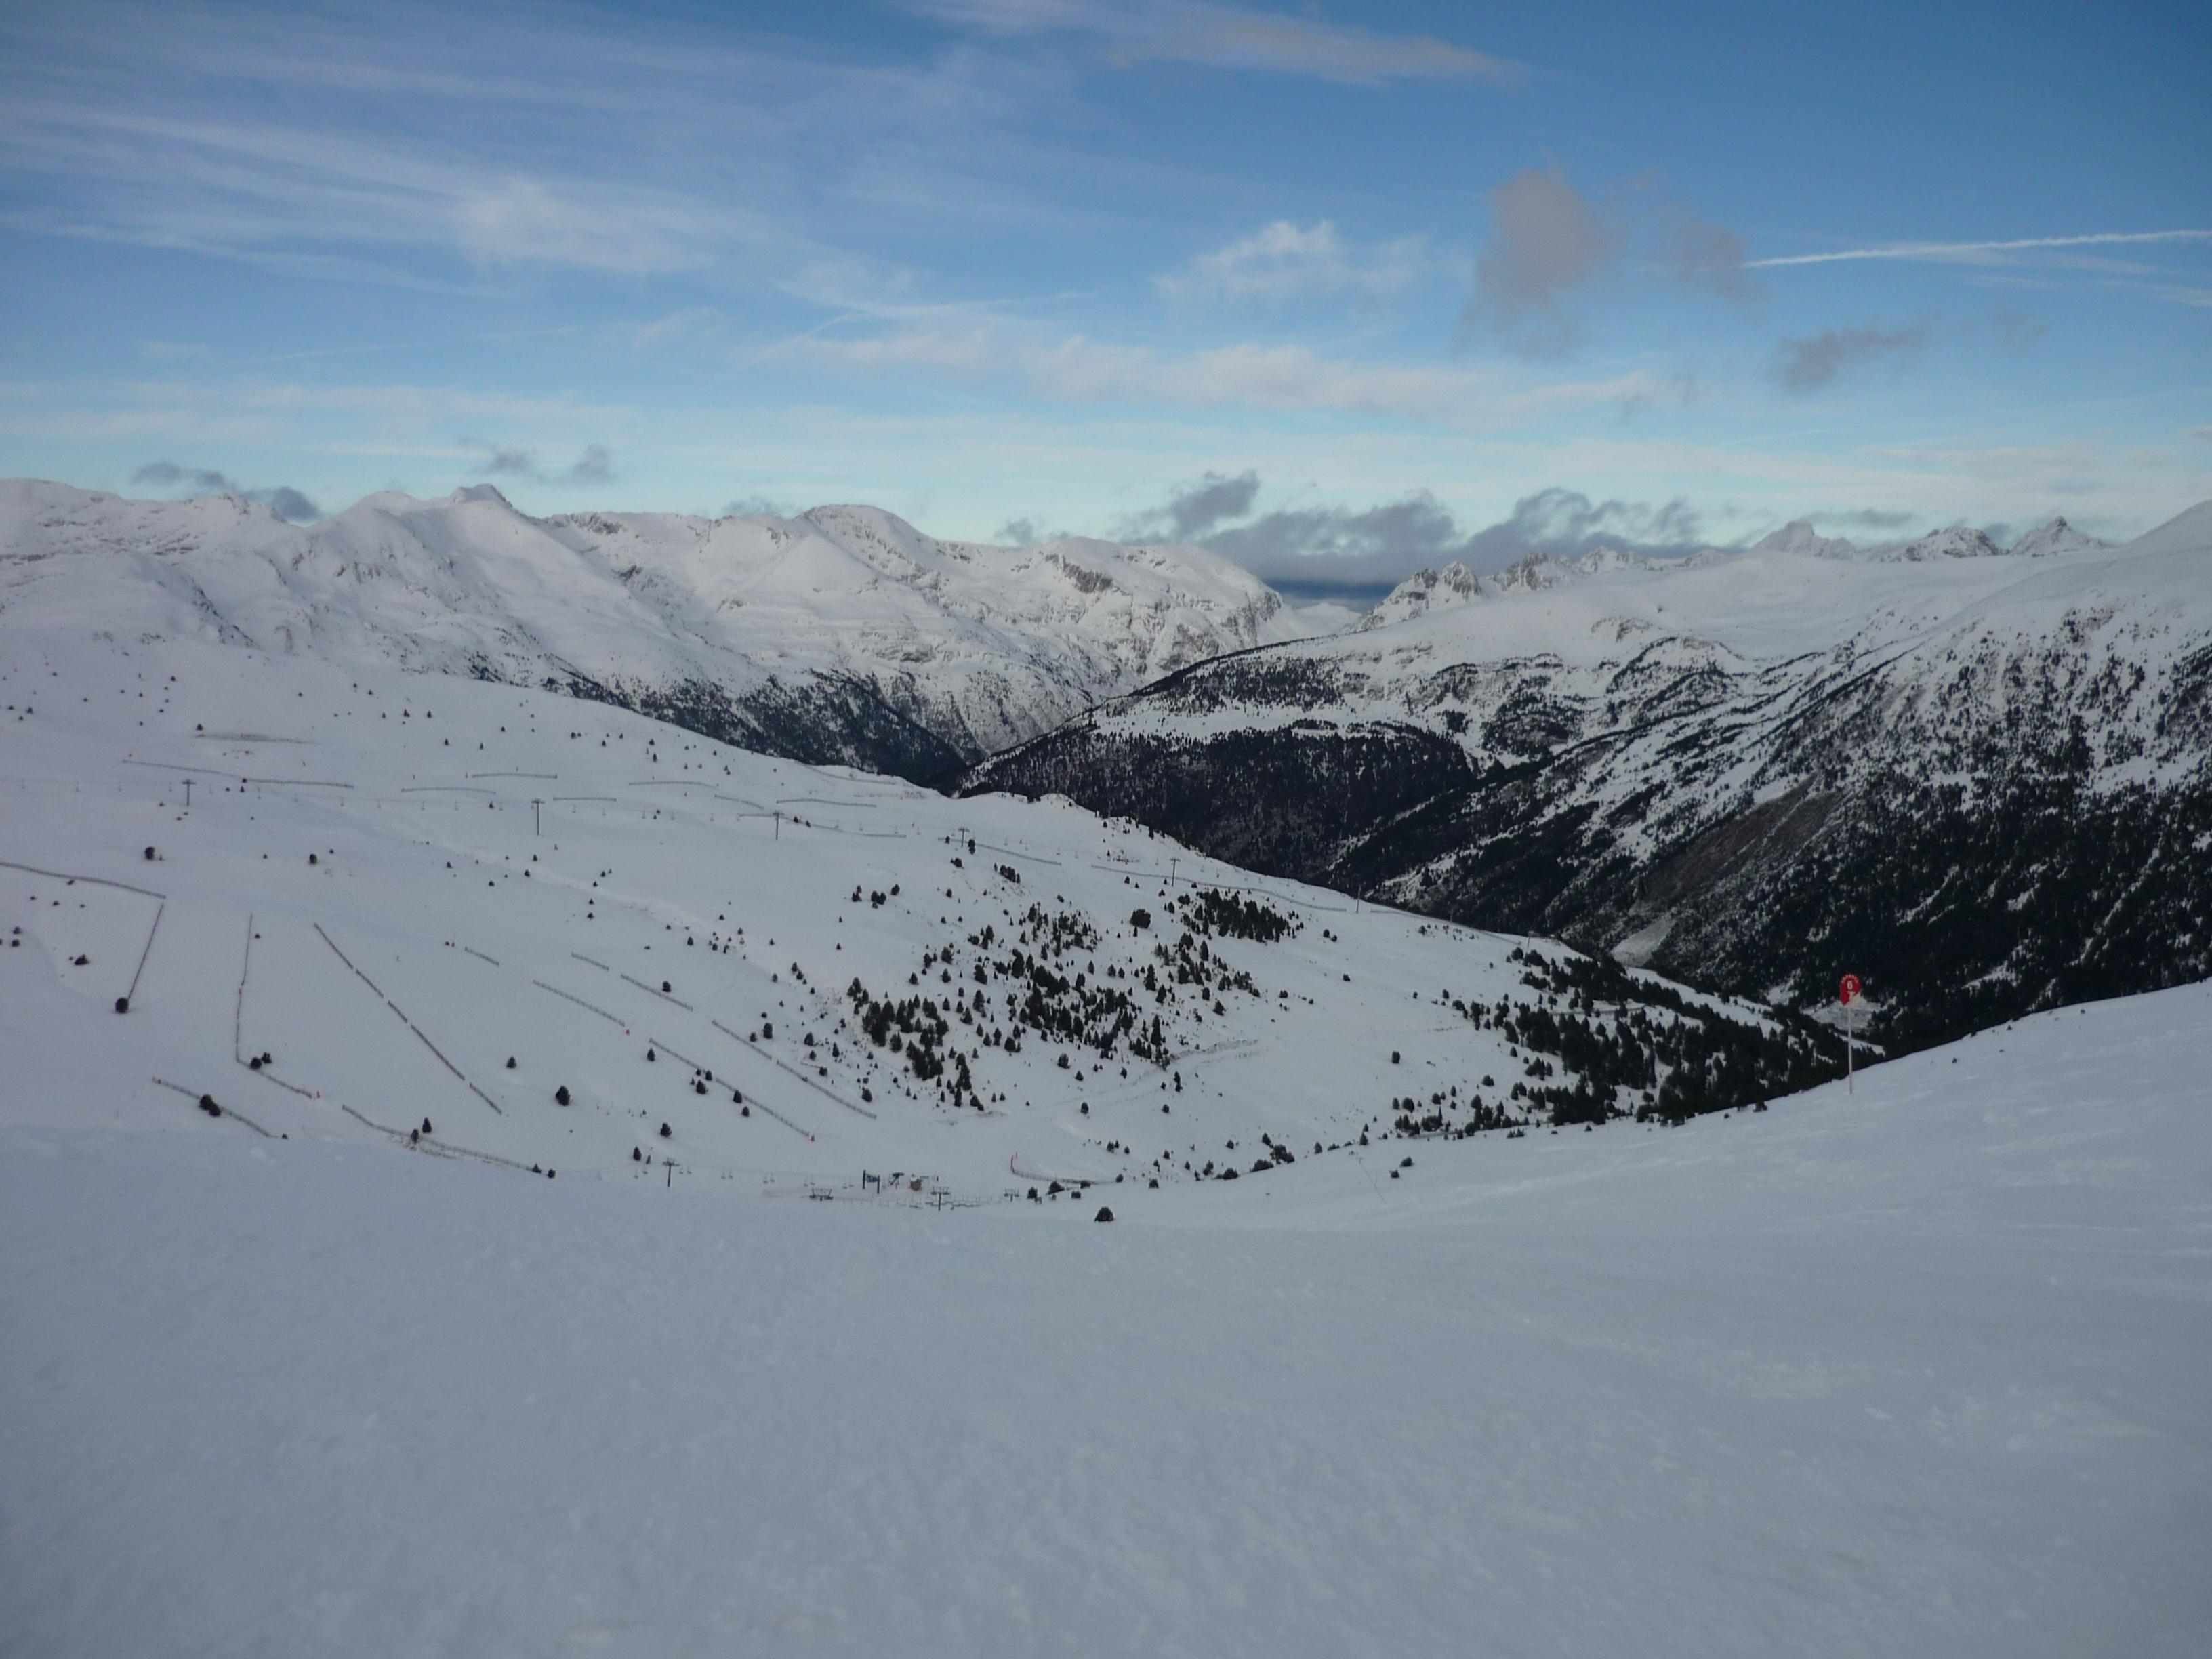 Pistas Ski Andorra File:pistas de Ski Andorra